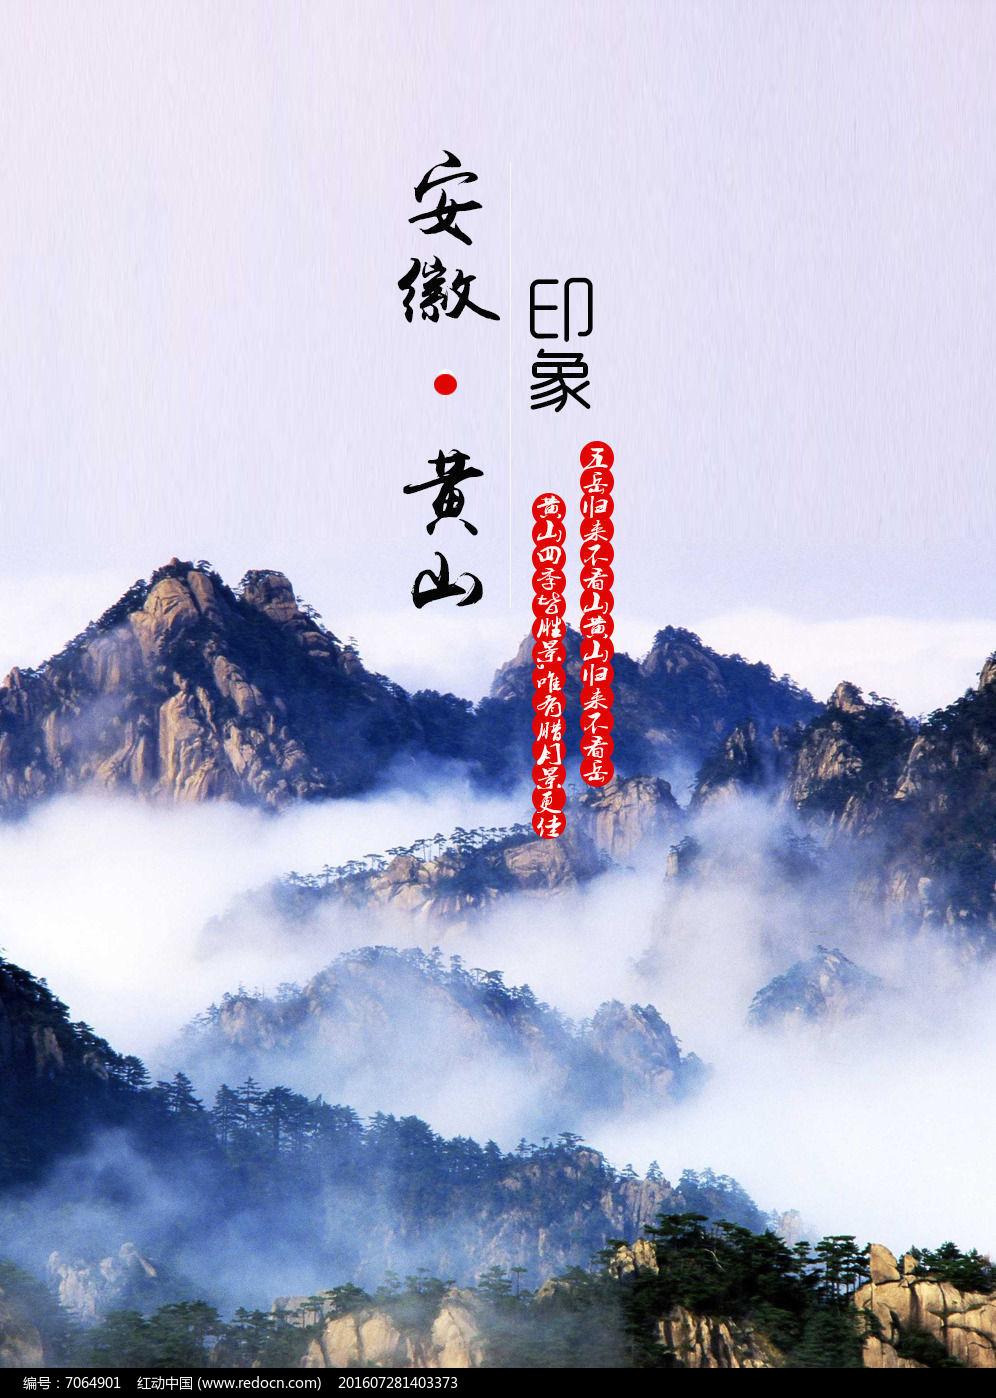 安徽黄山旅游海报设计洛阳至青海湖自驾游攻略图片